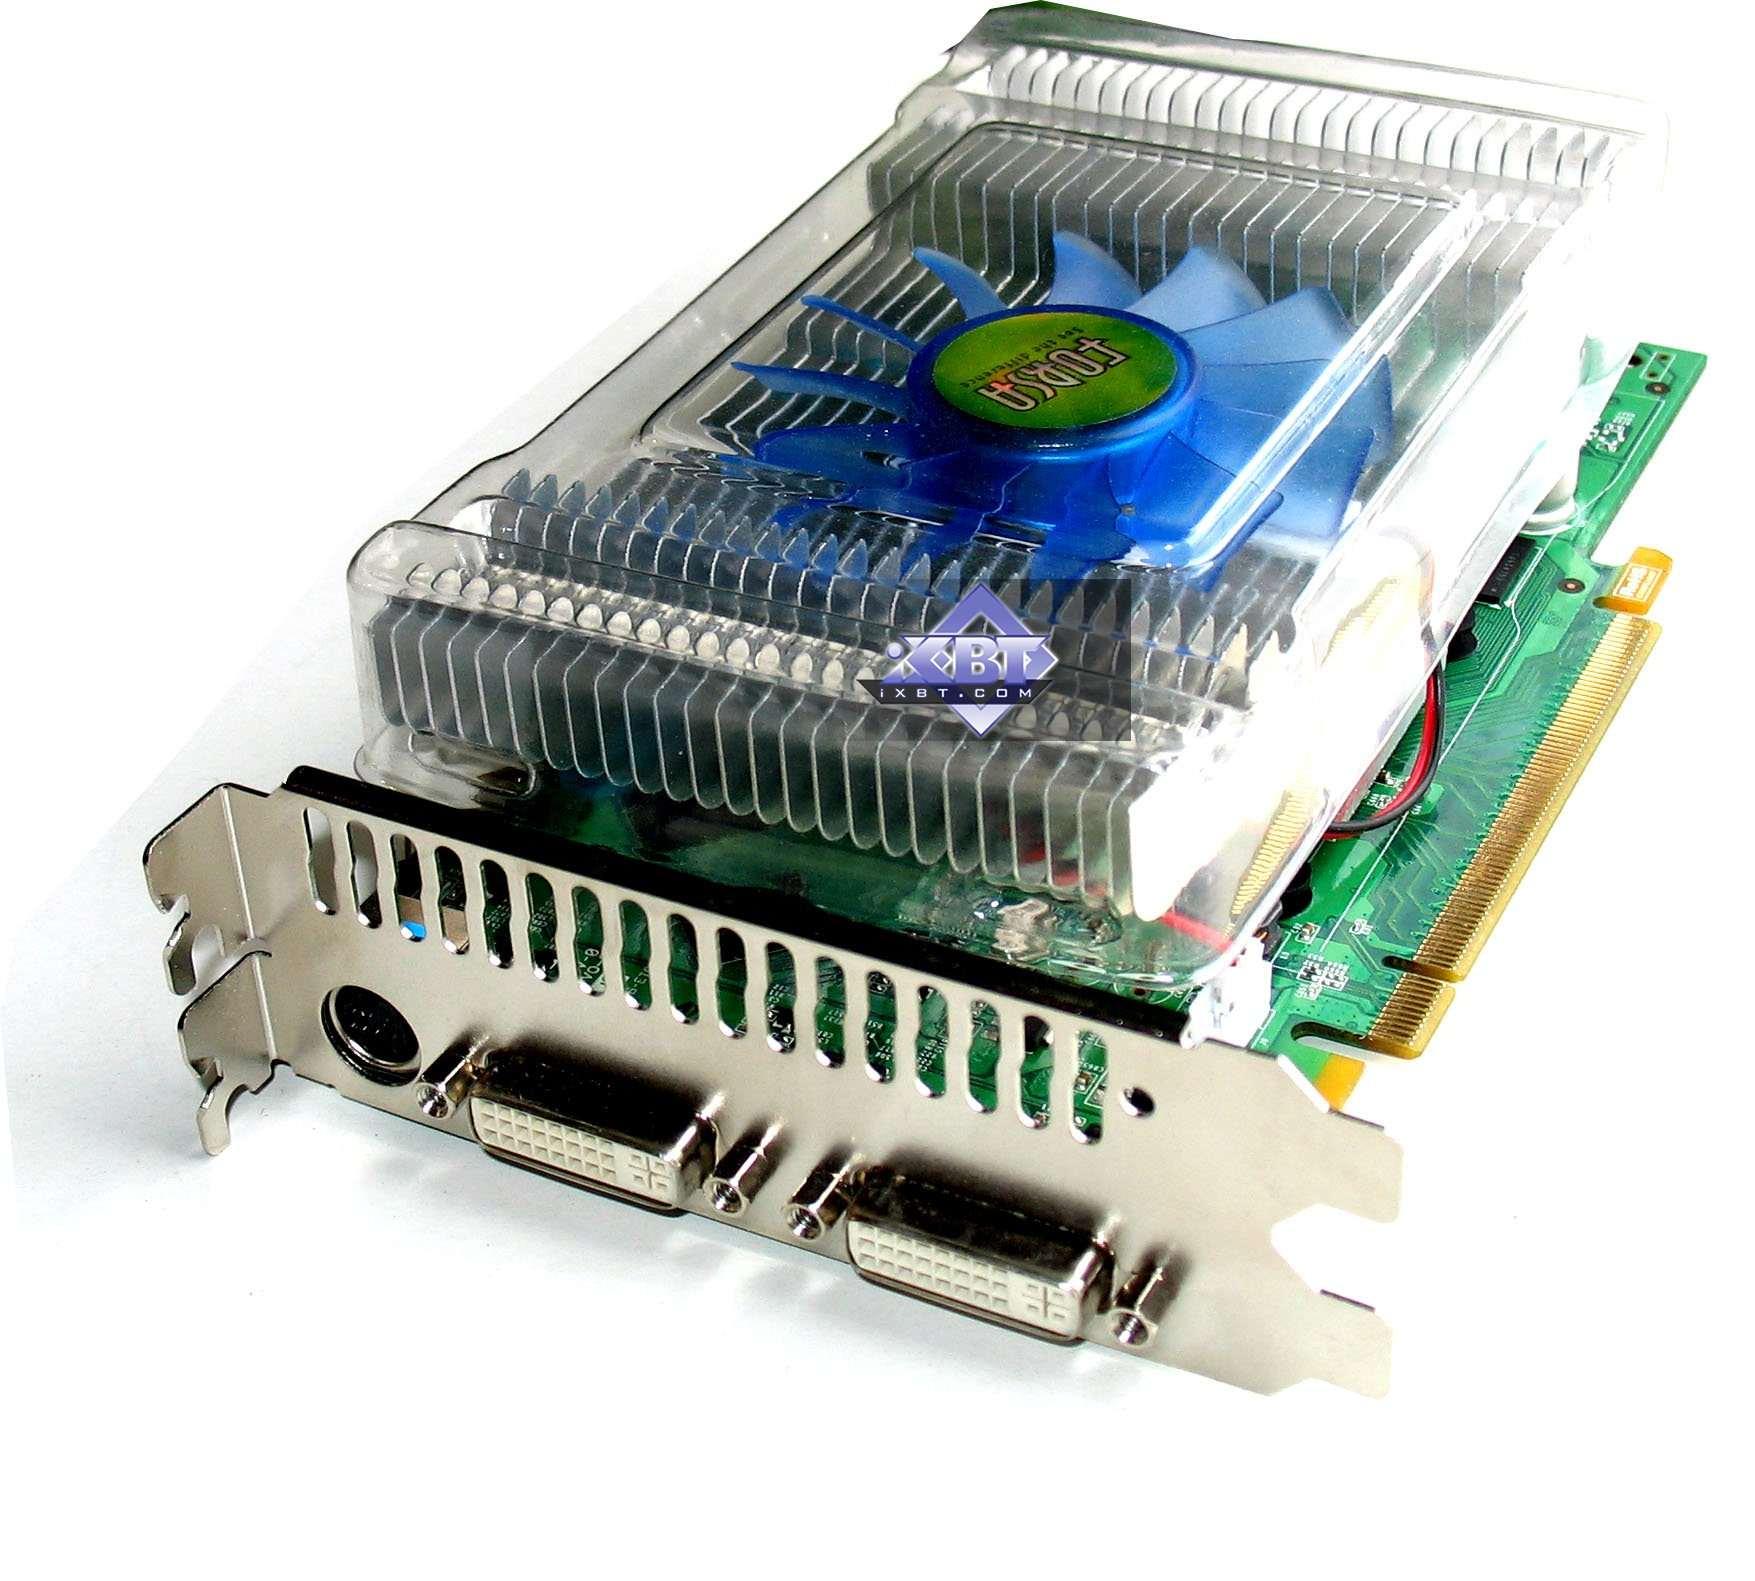 Драйвер nvidia geforce 9600 gt скачать